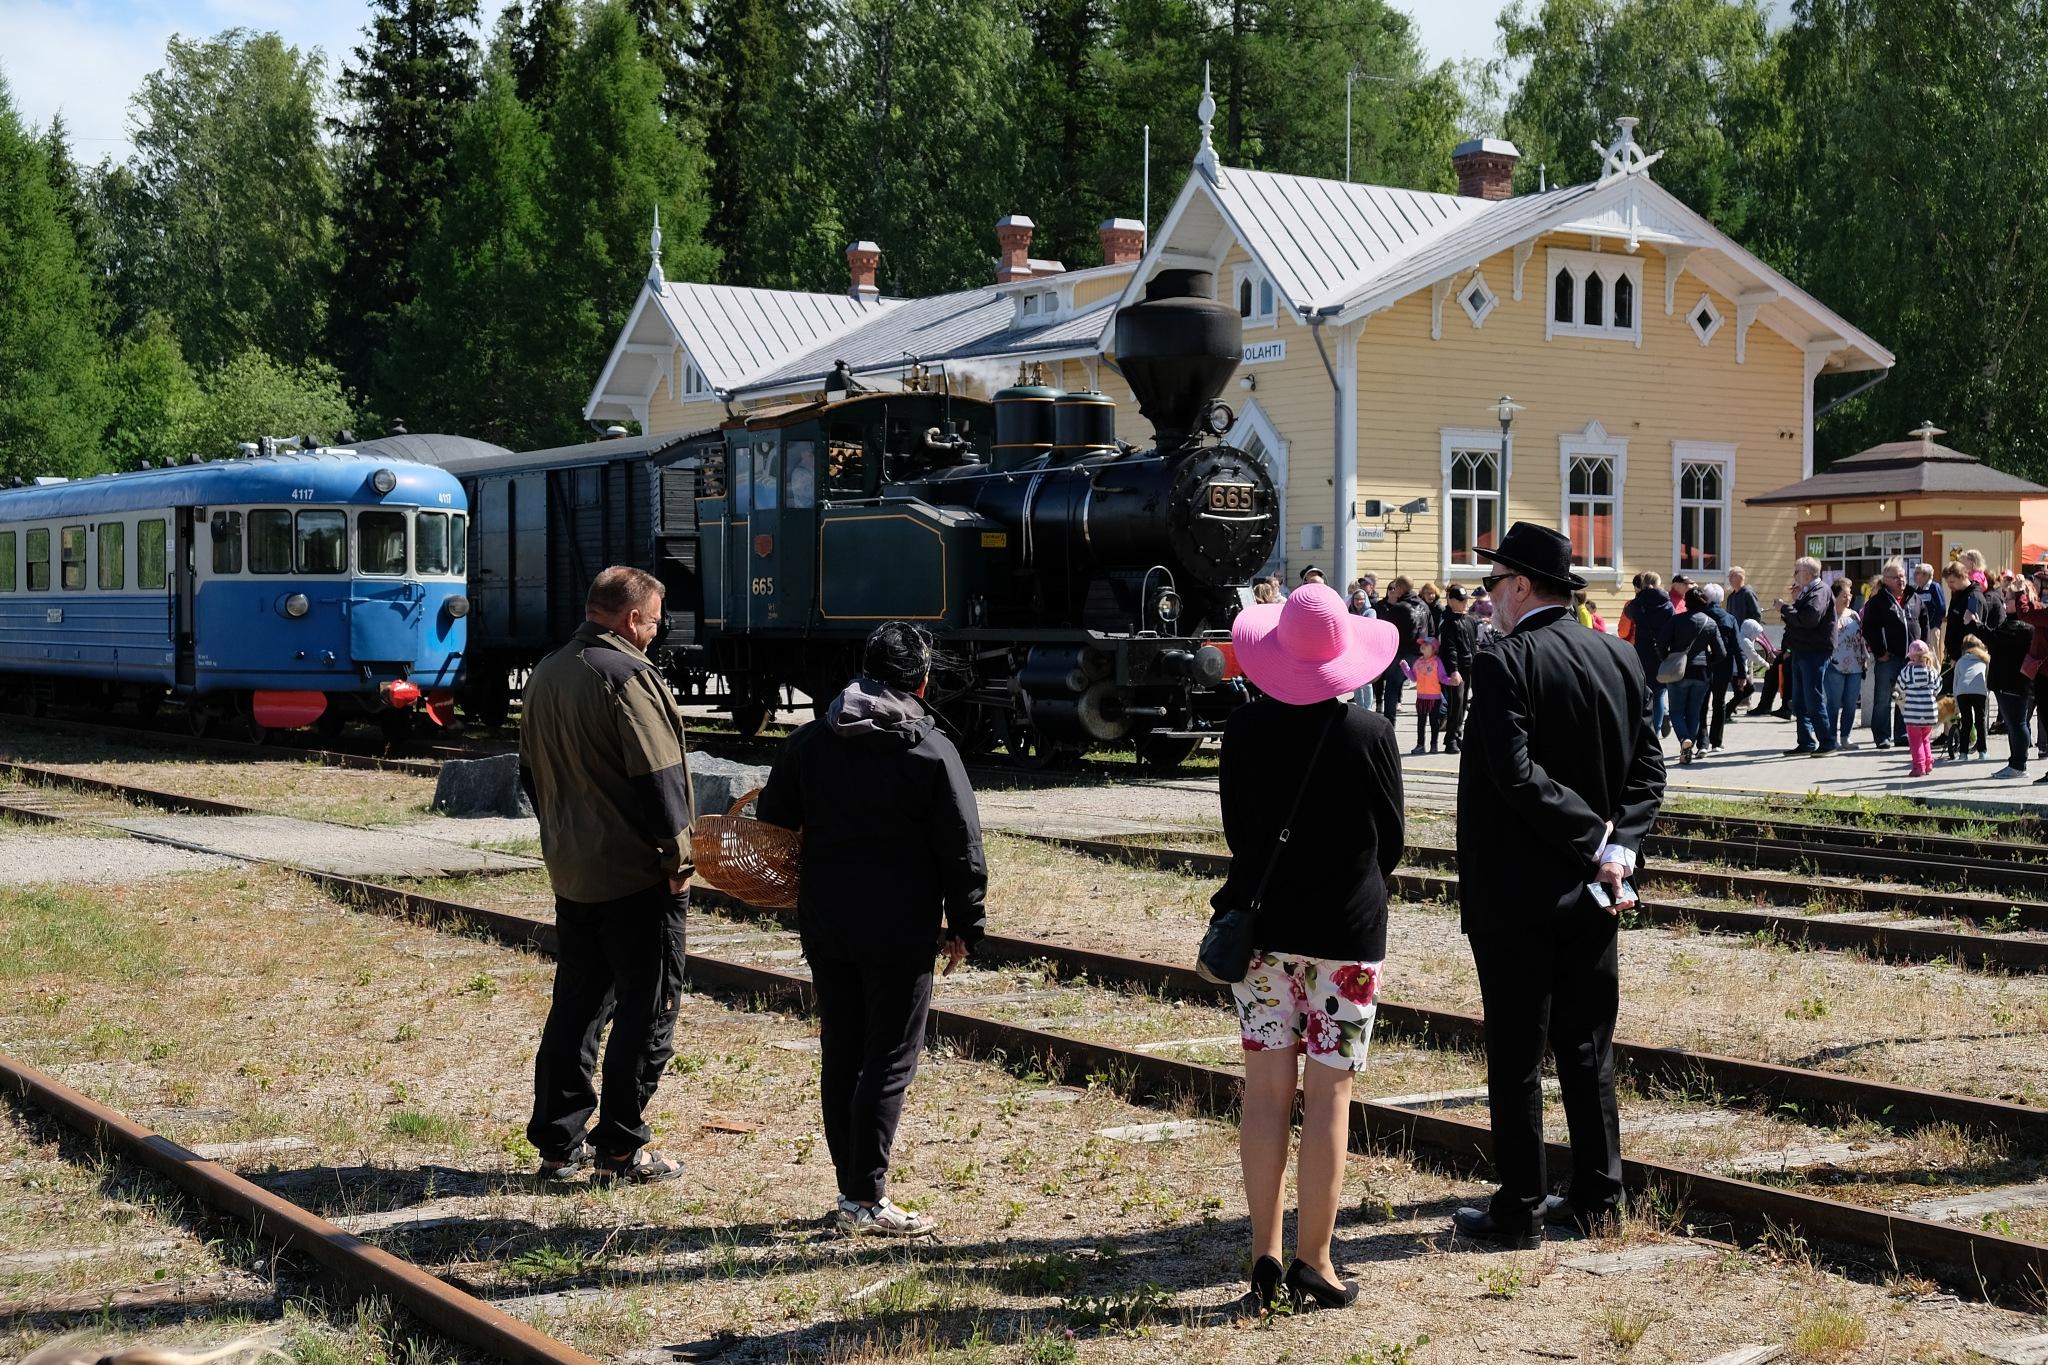 Suolahden vanha asema. by Petri Mustonen